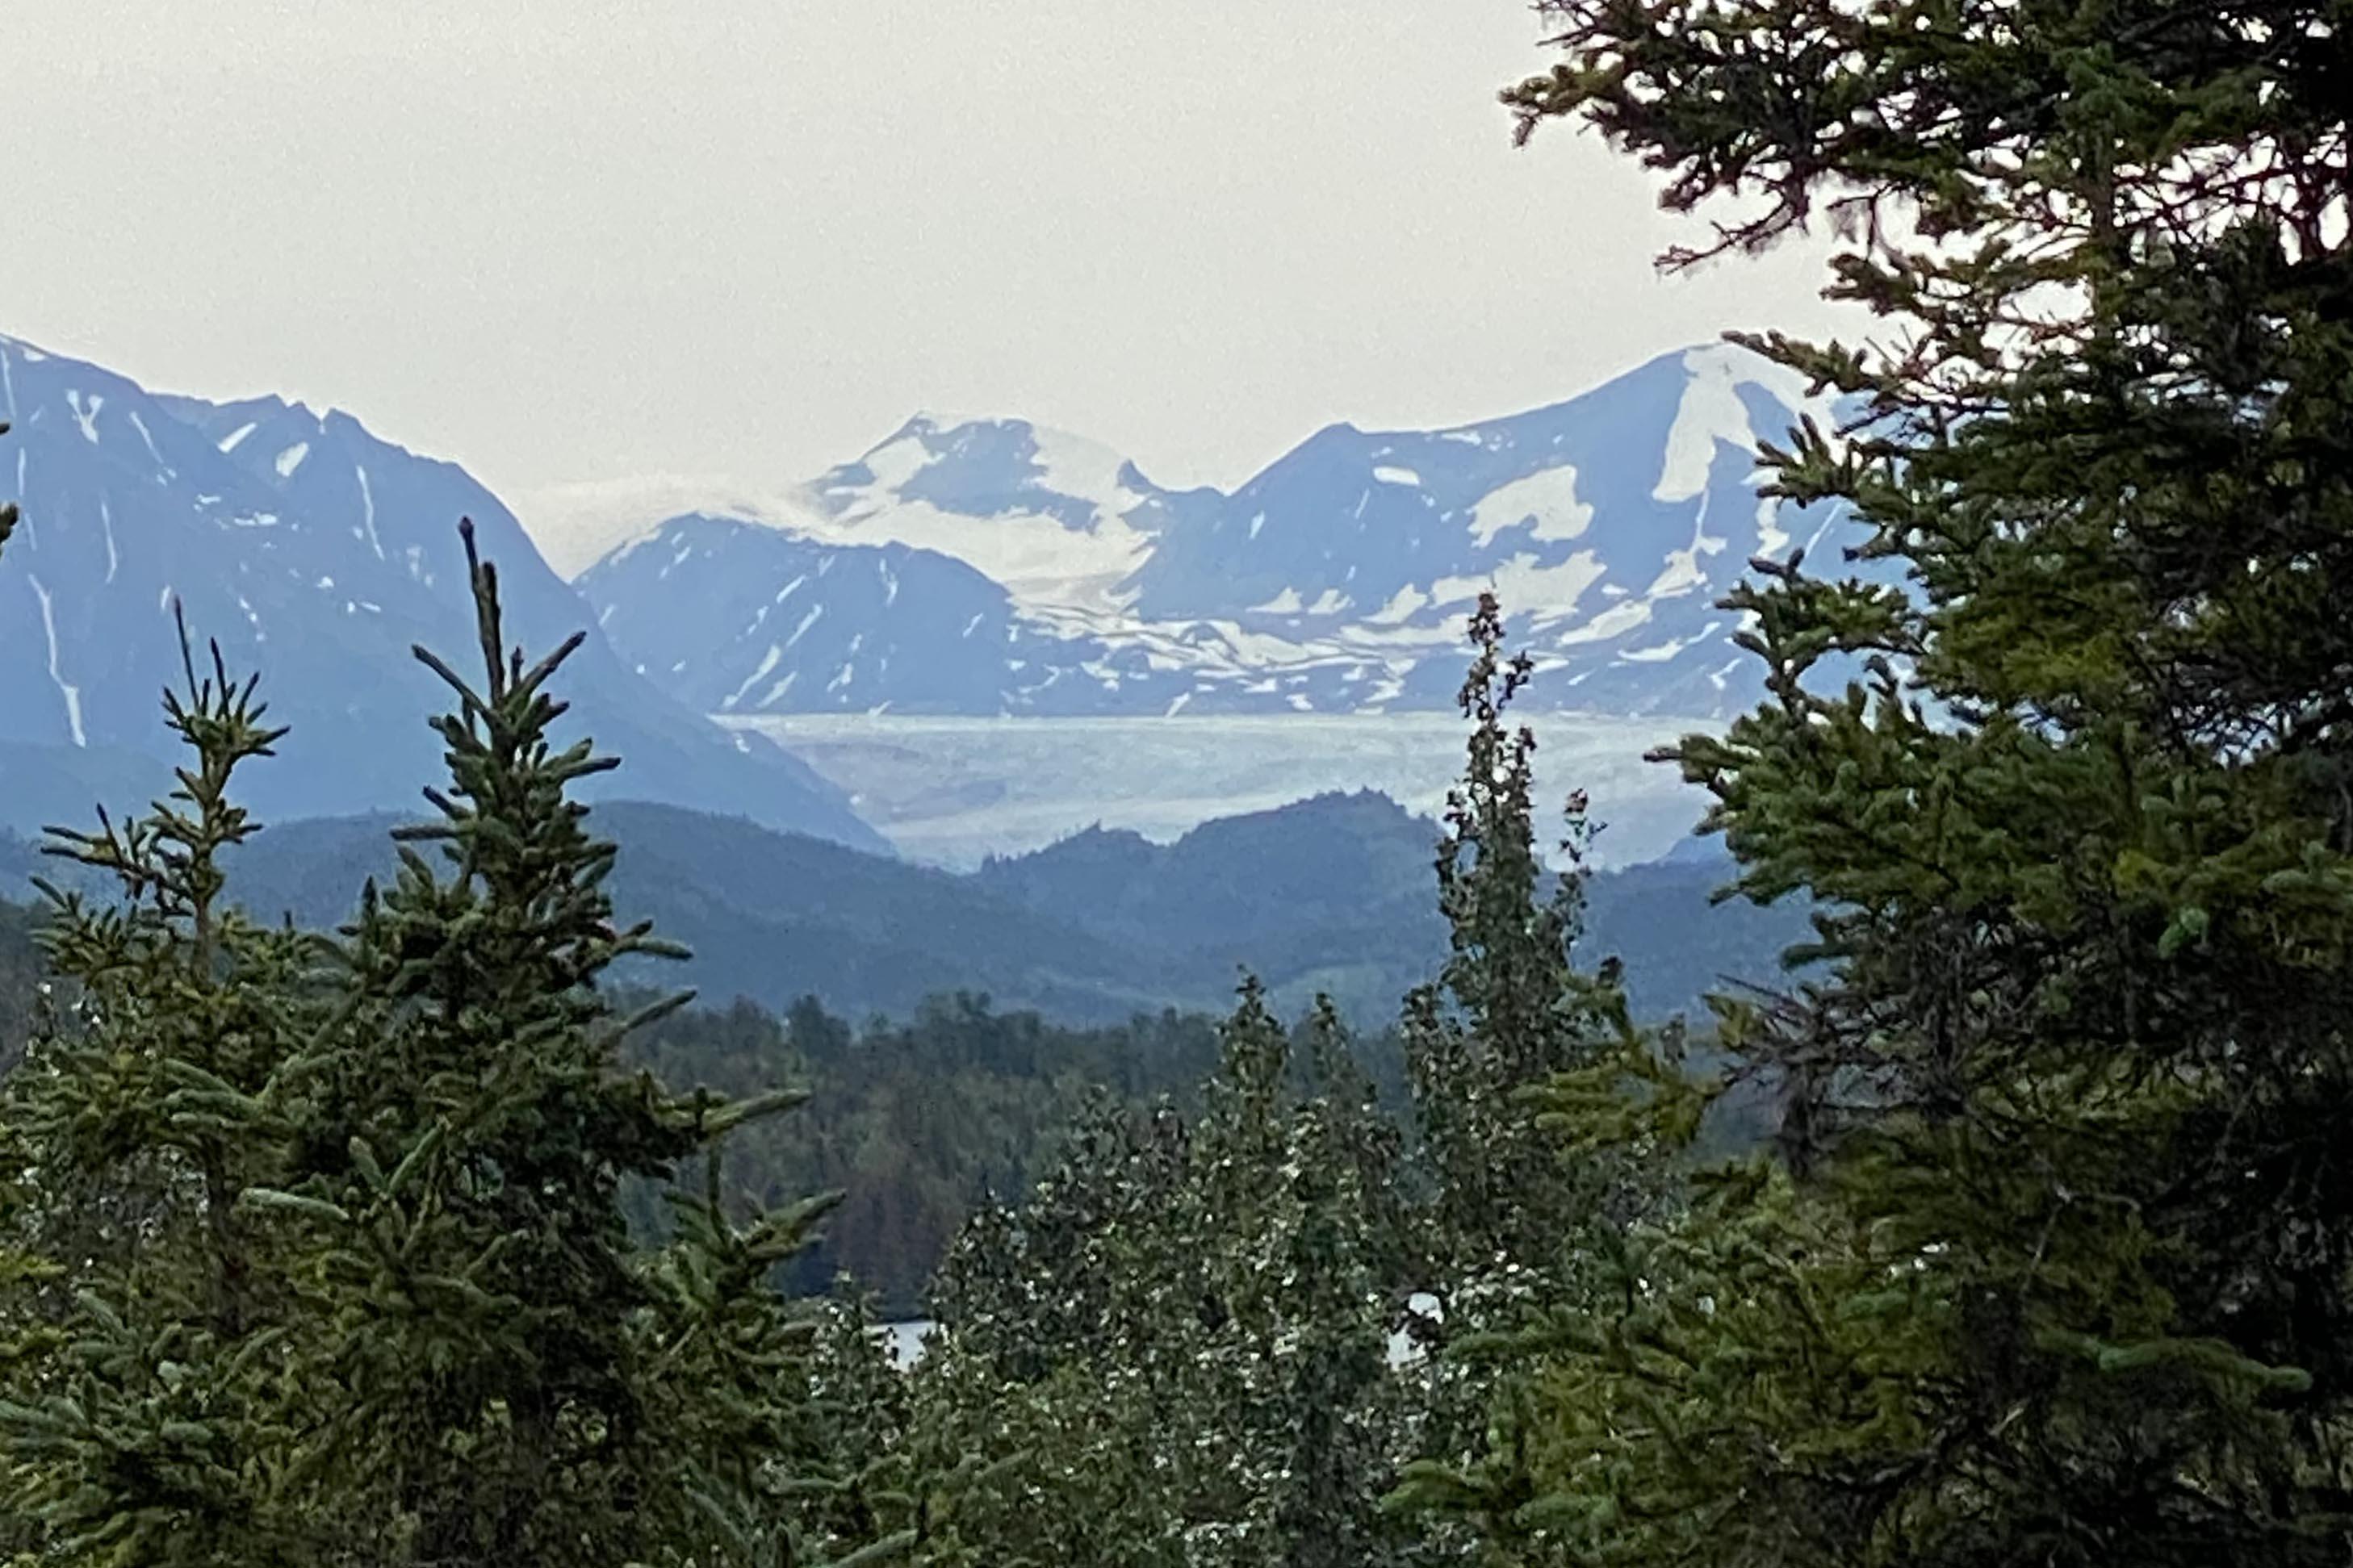 A glimpse of the Skilak Glacier